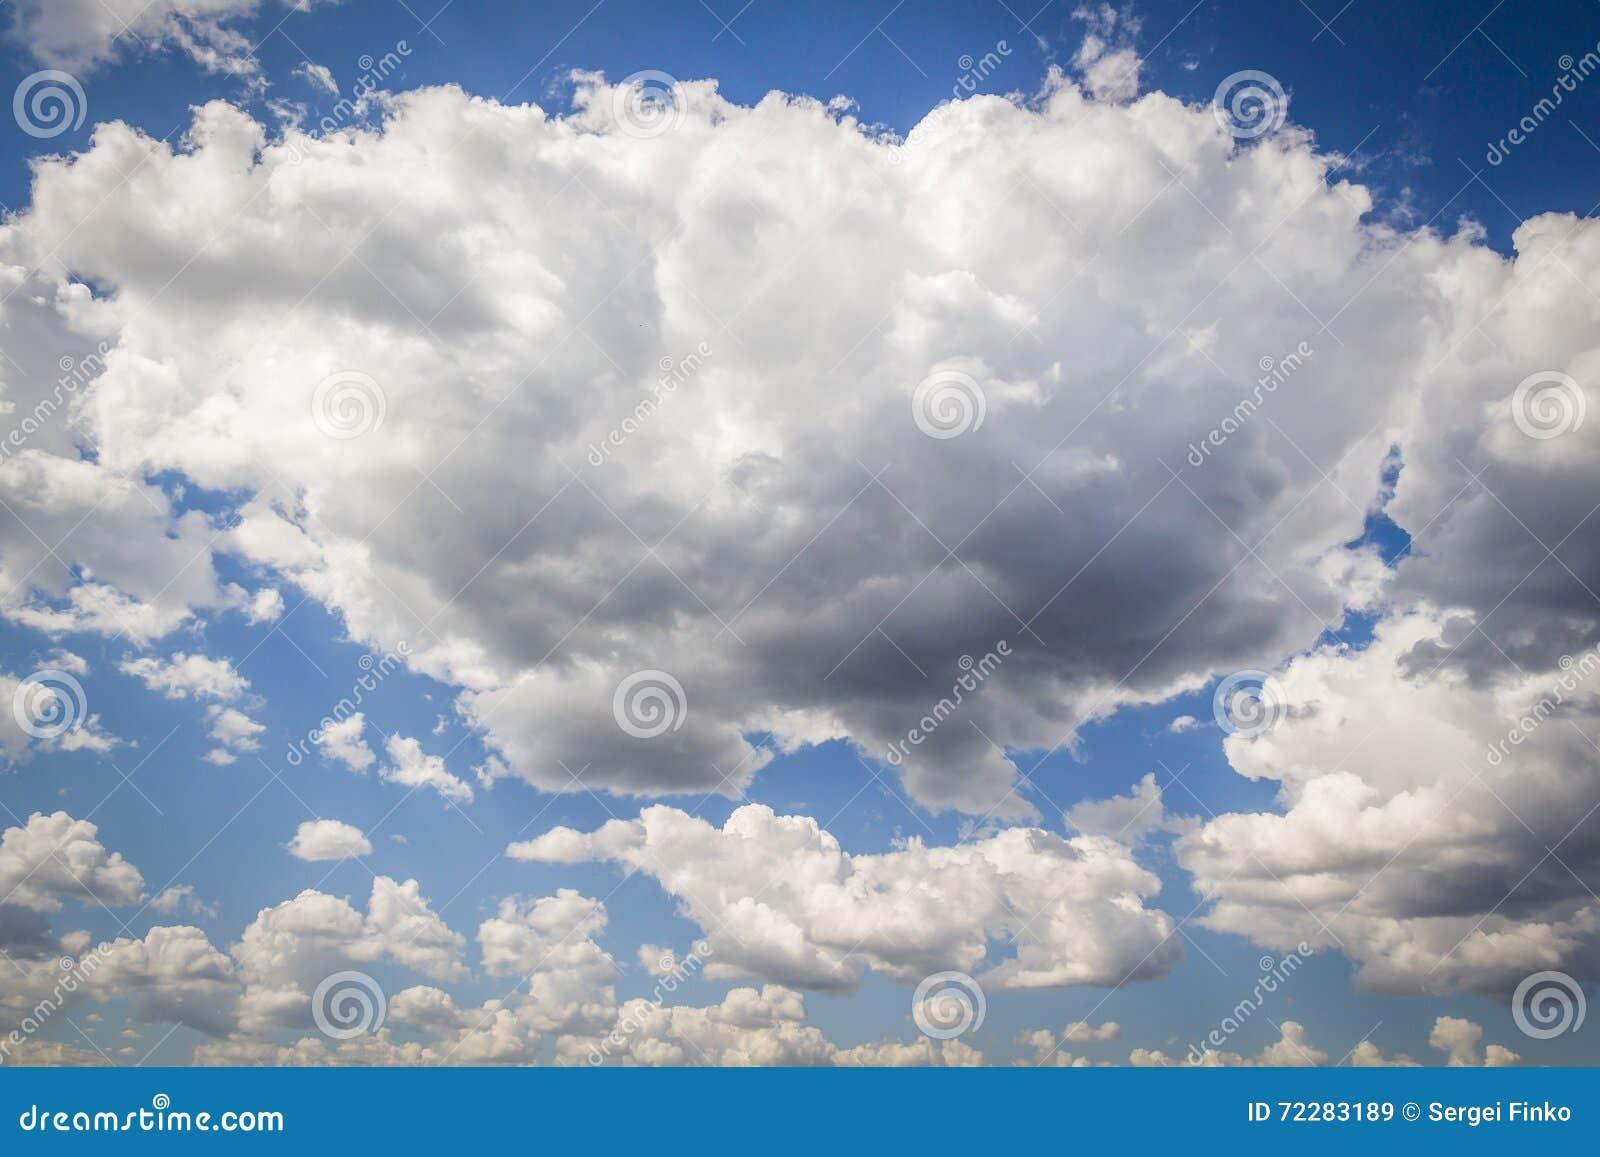 Download Белые большие облака стоковое изображение. изображение насчитывающей явление - 72283189